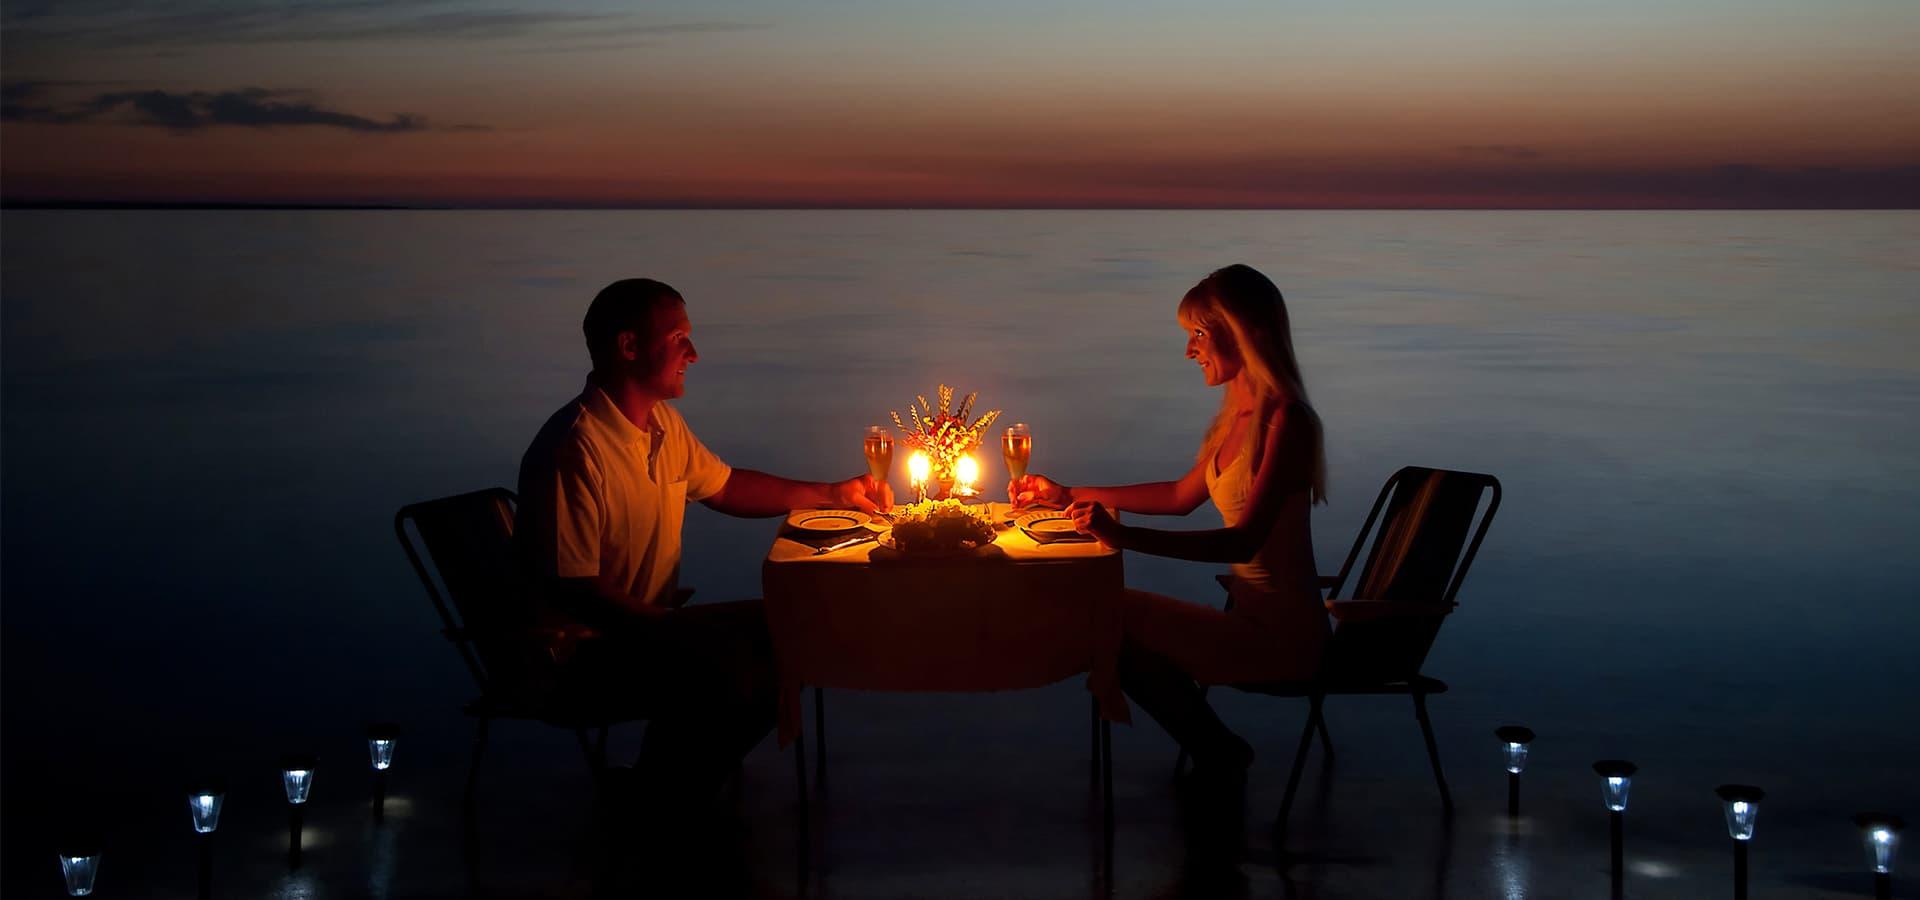 İpuçları: Sevgili eviniz için romantik bir akşam nasıl düzenlenir